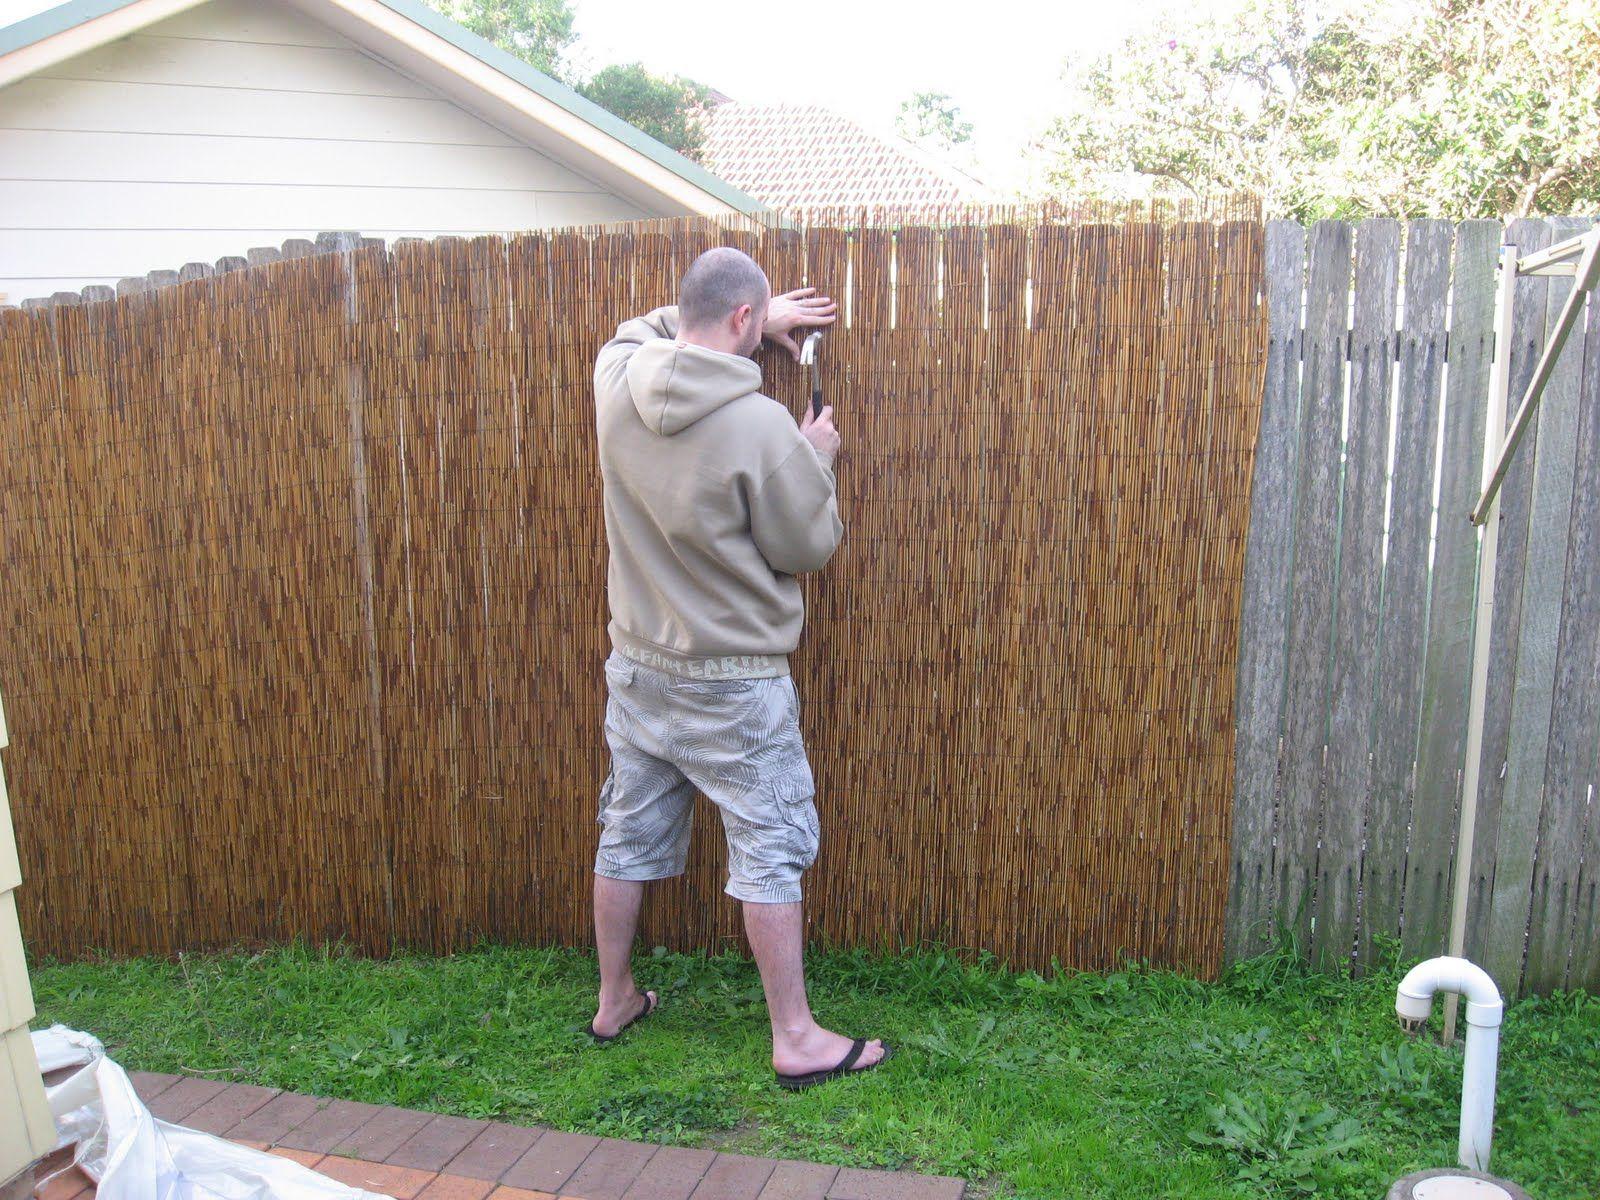 fence bamboo fence backyard fences